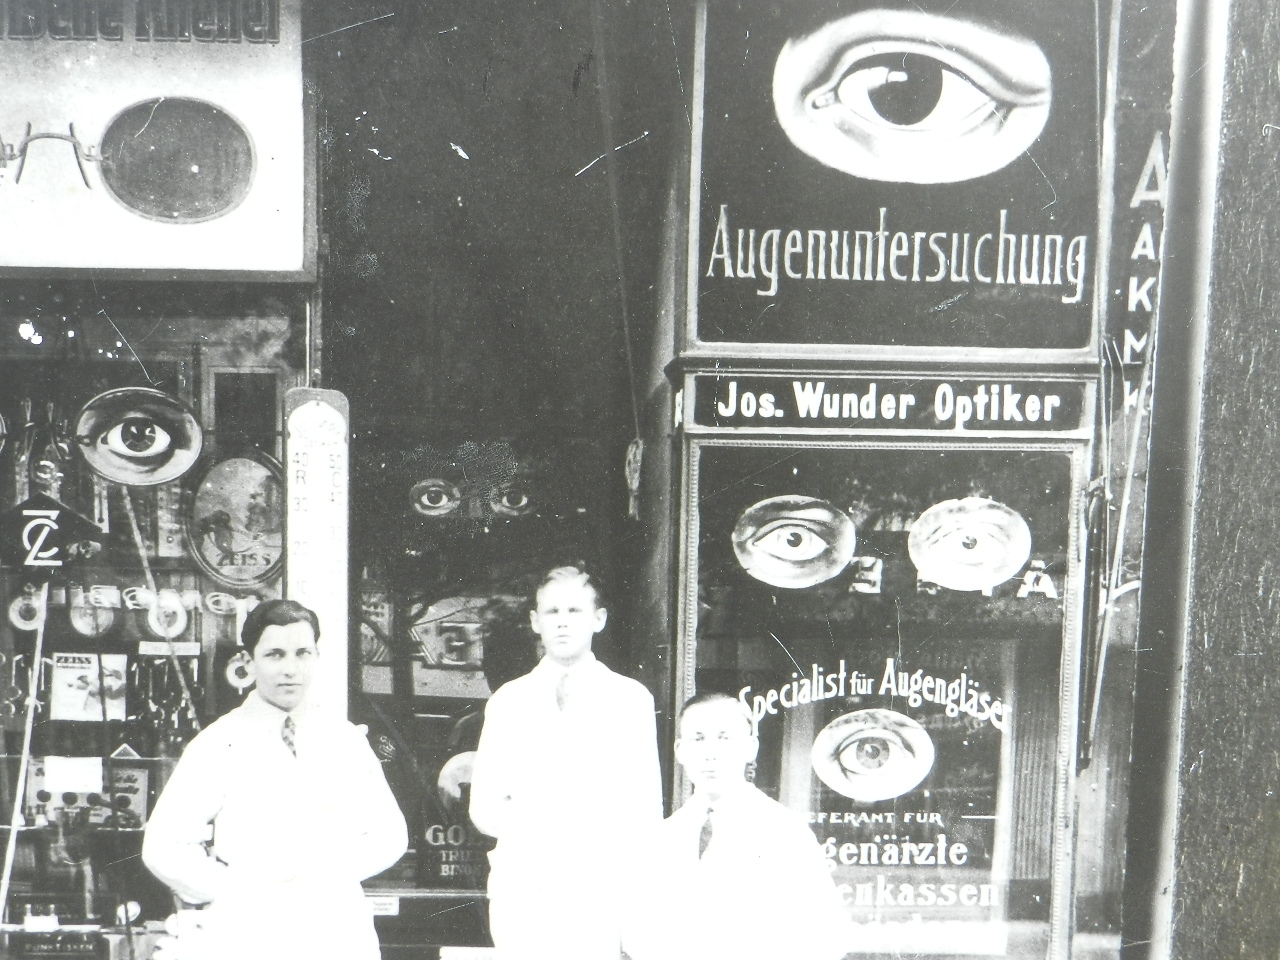 Imagen FOTOGRAFÍA DE UNA OPTICA ALEMANA 1926 26896